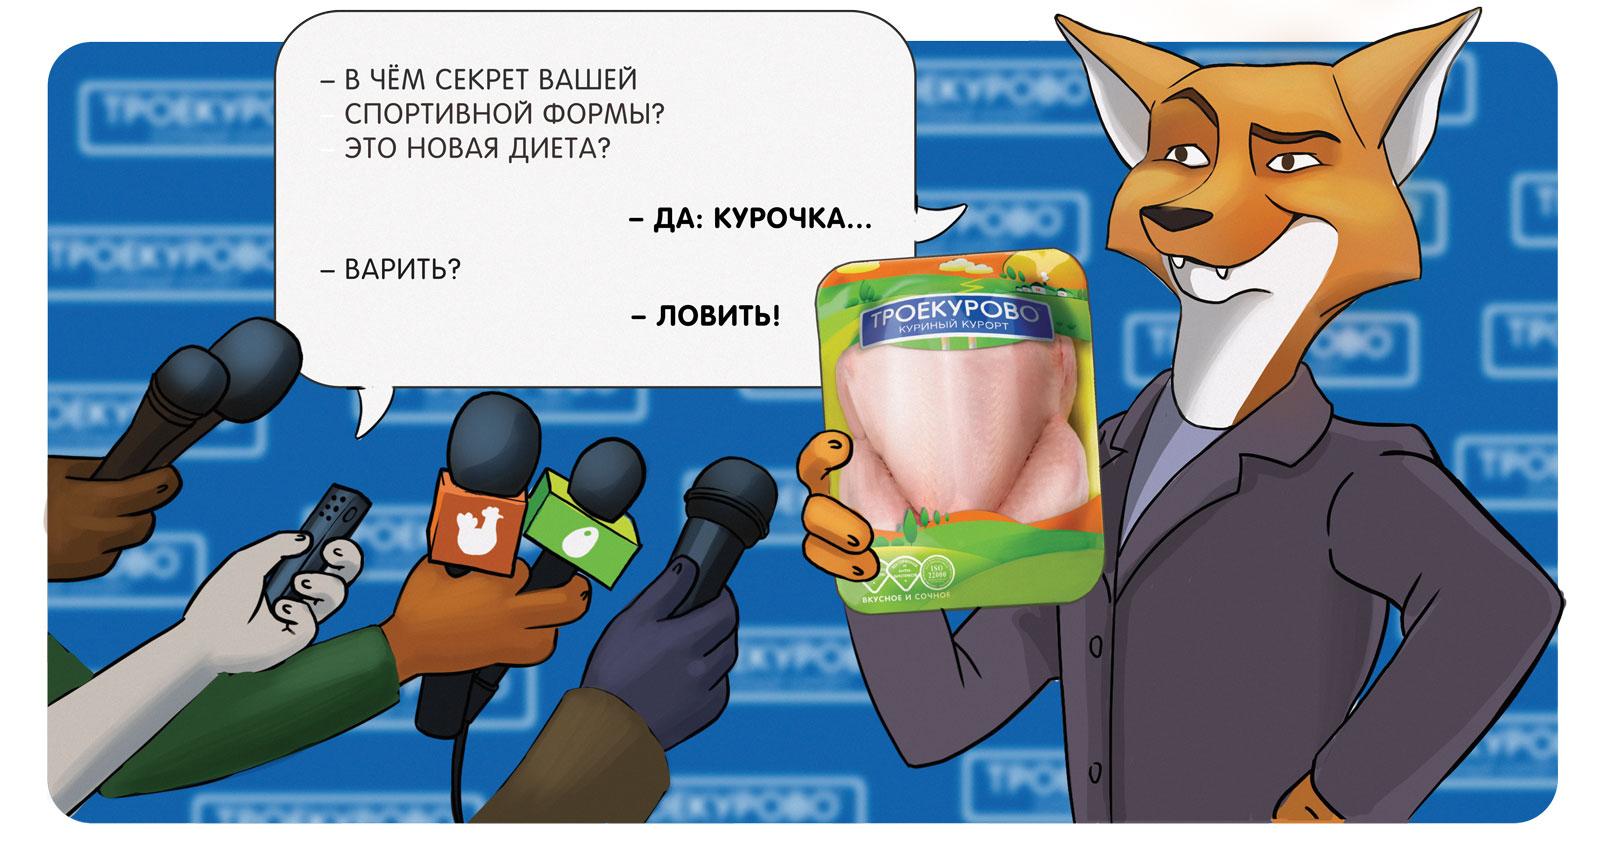 4_april_Troekurovo_smartians